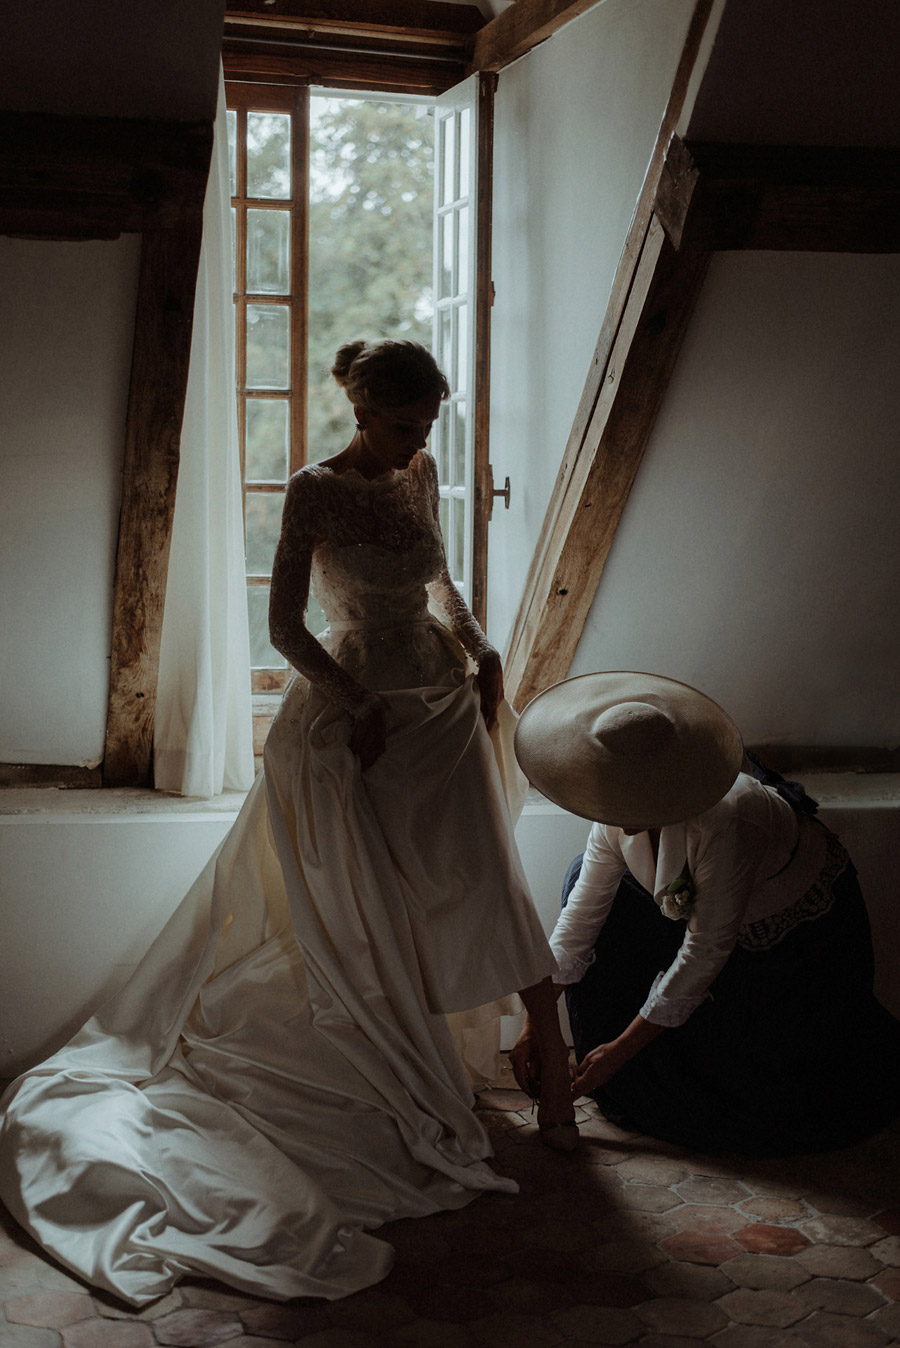 У мамы твоя спина! © Дилан Китченер / Dylan Kitchener, Эдинбург, Мидлотиан, Великобритания, Фотоконкурс «Rangefinder Ежегодник»